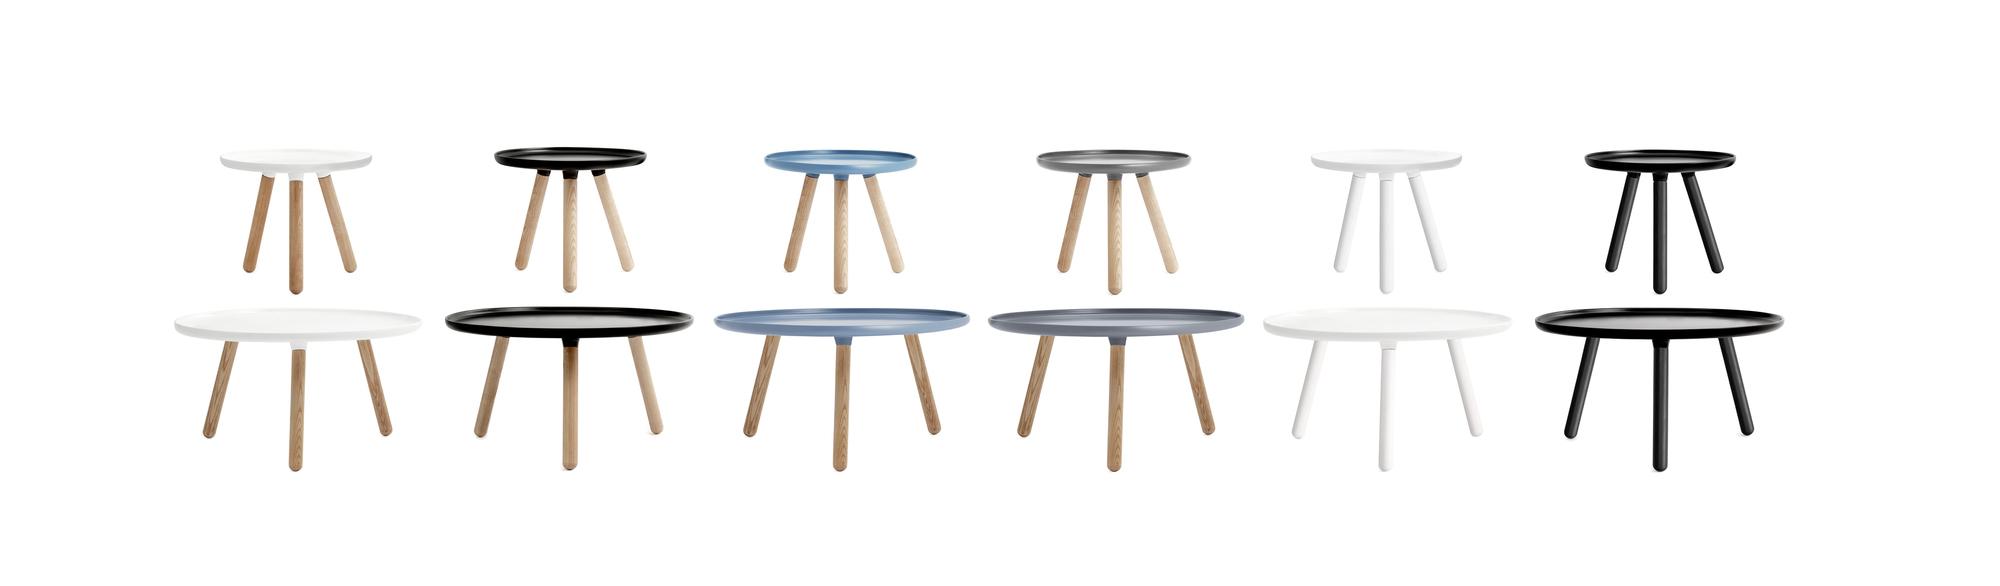 Tablo Table Small Beistelltisch Normann Copenhagen Schwarz